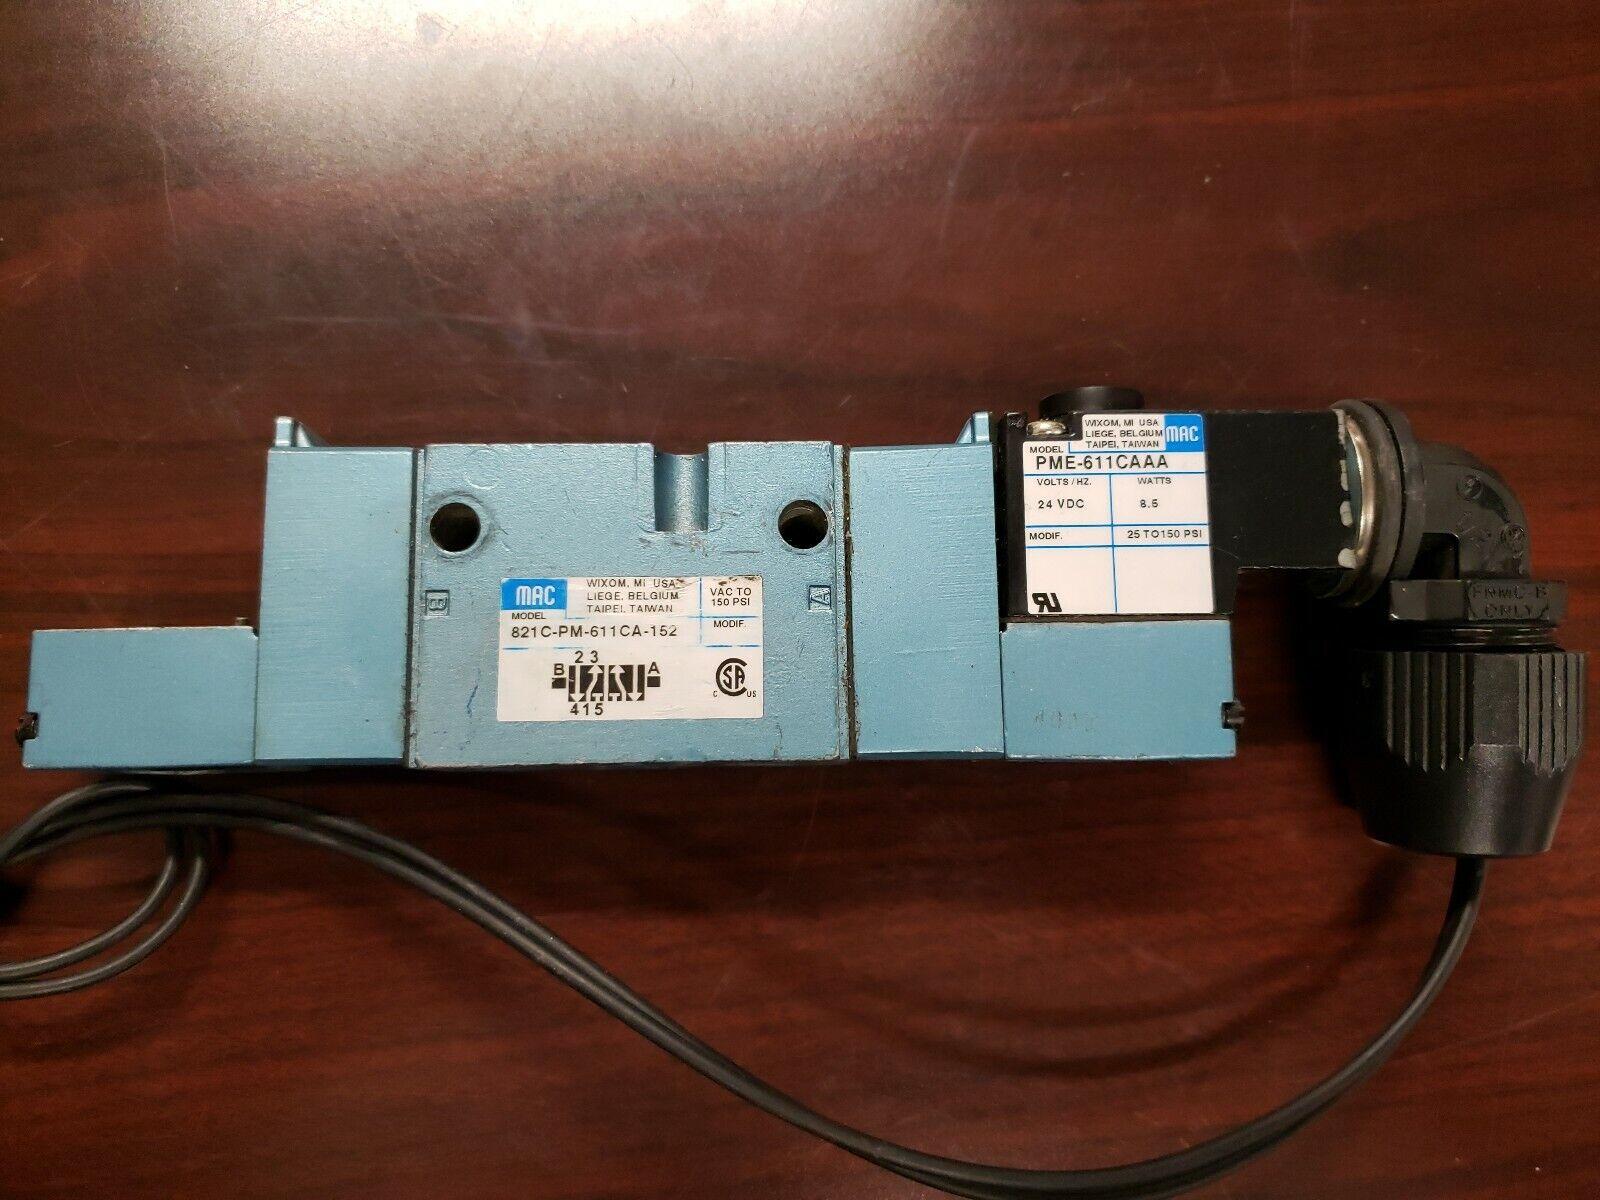 24VDC 8.5W 25-150PSI MAC 811C-PM-611JJ-152 Solenoid Valve w// PME-611JJ